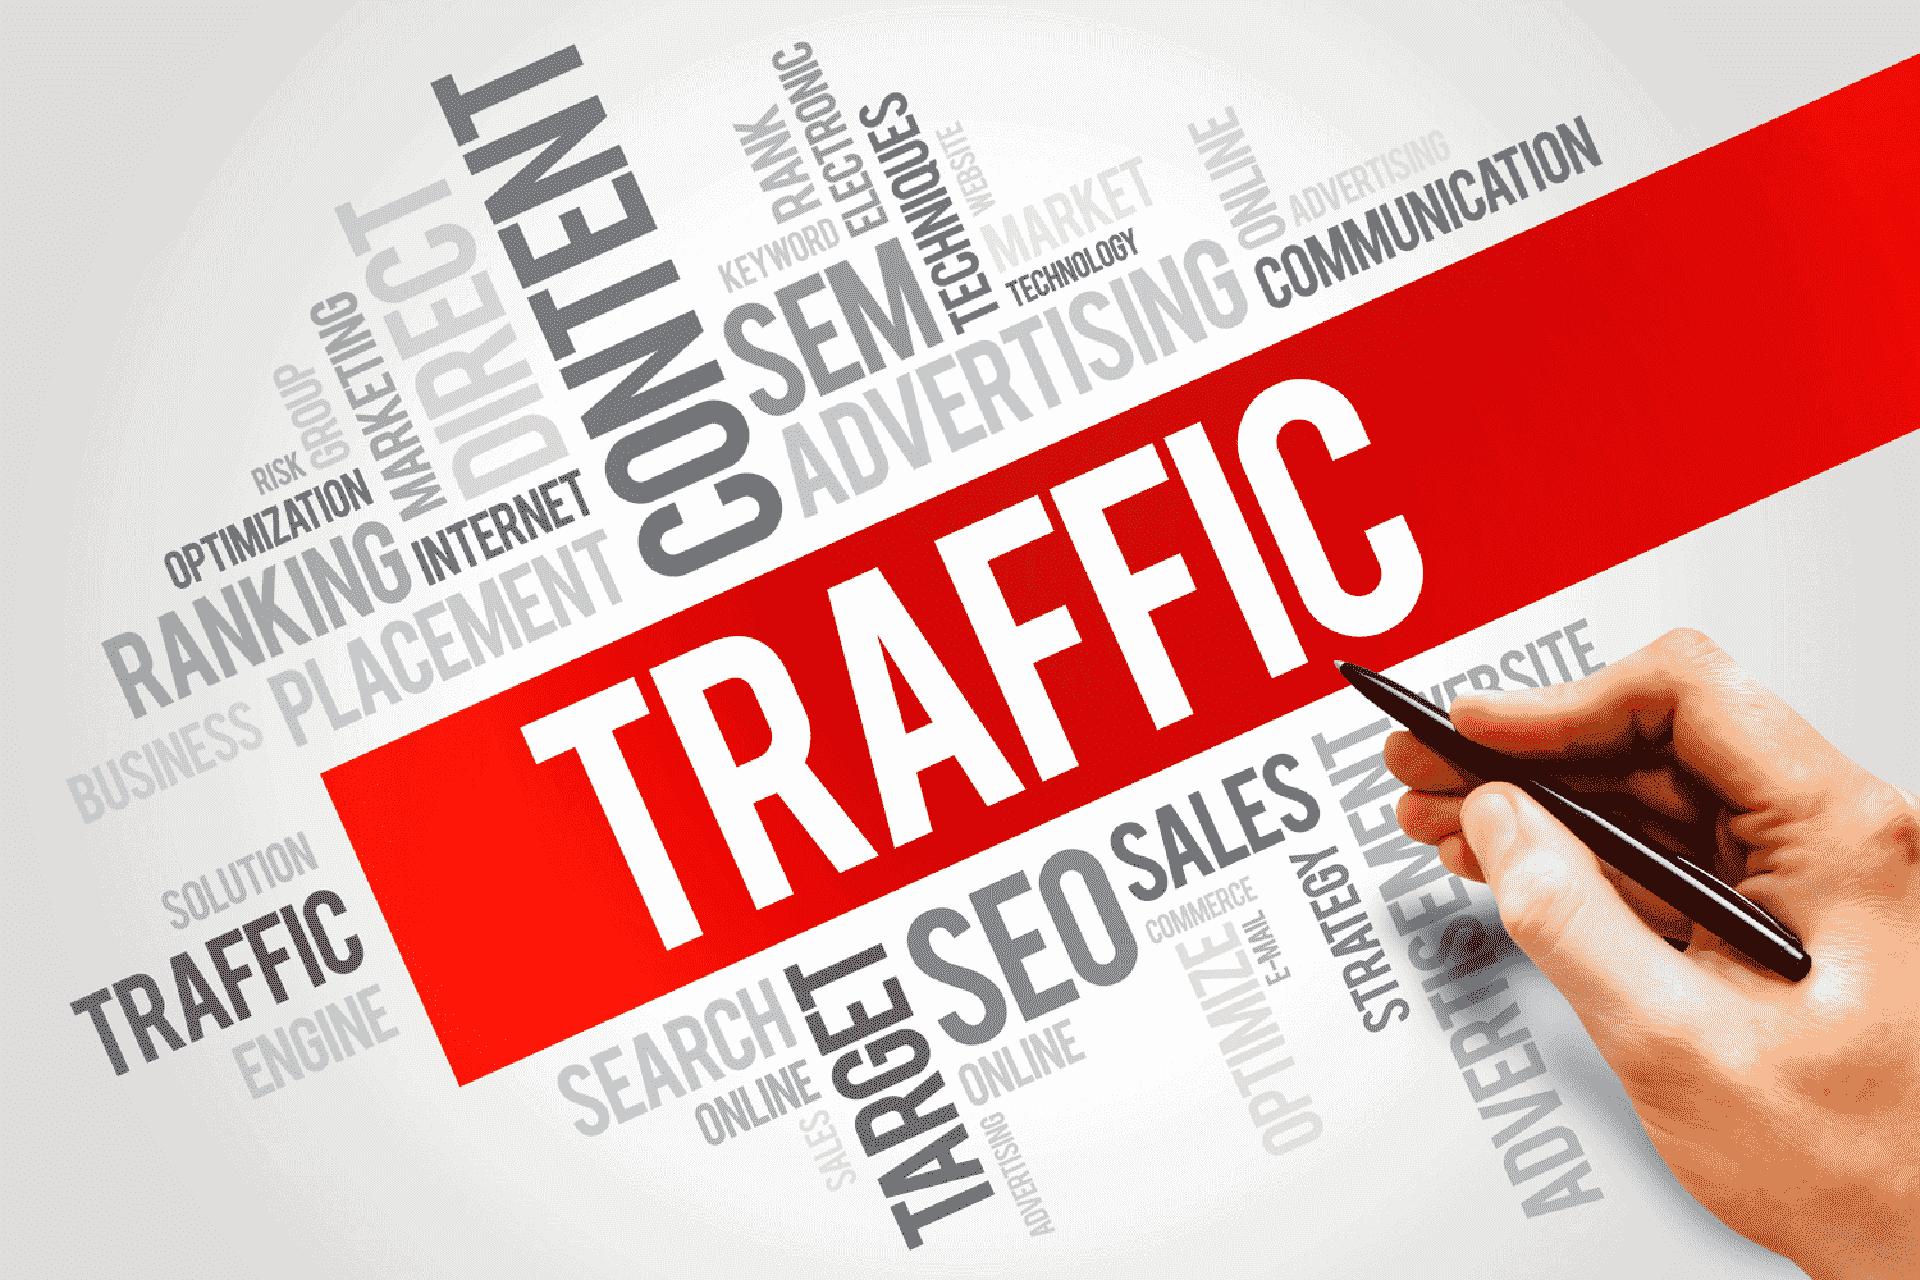 Top 10 cách tăng traffic cho website bán hàng hiệu quả